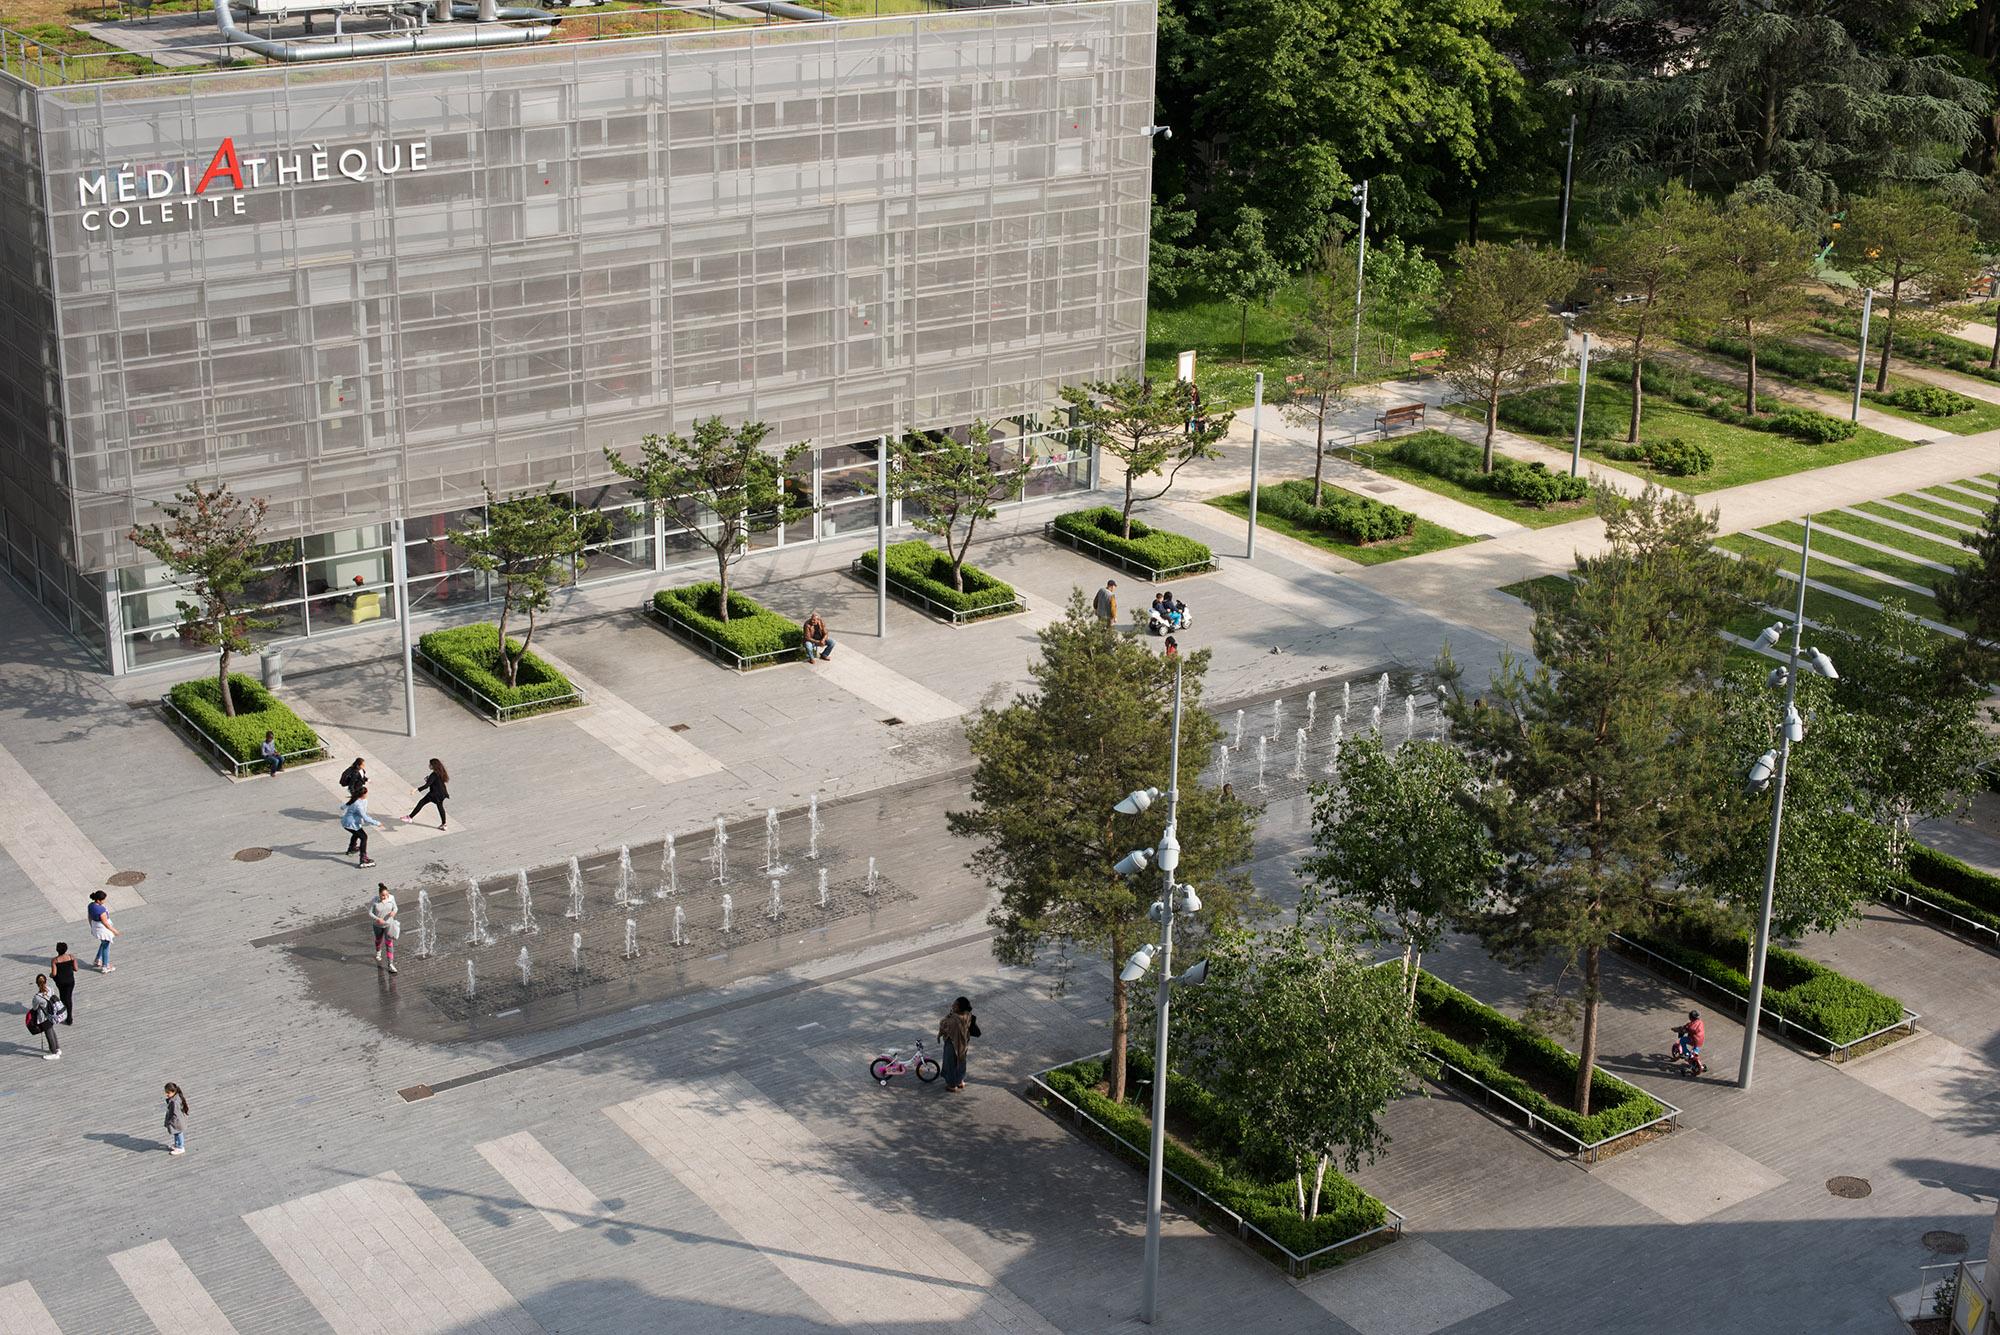 La place René Clair et sa fontaine